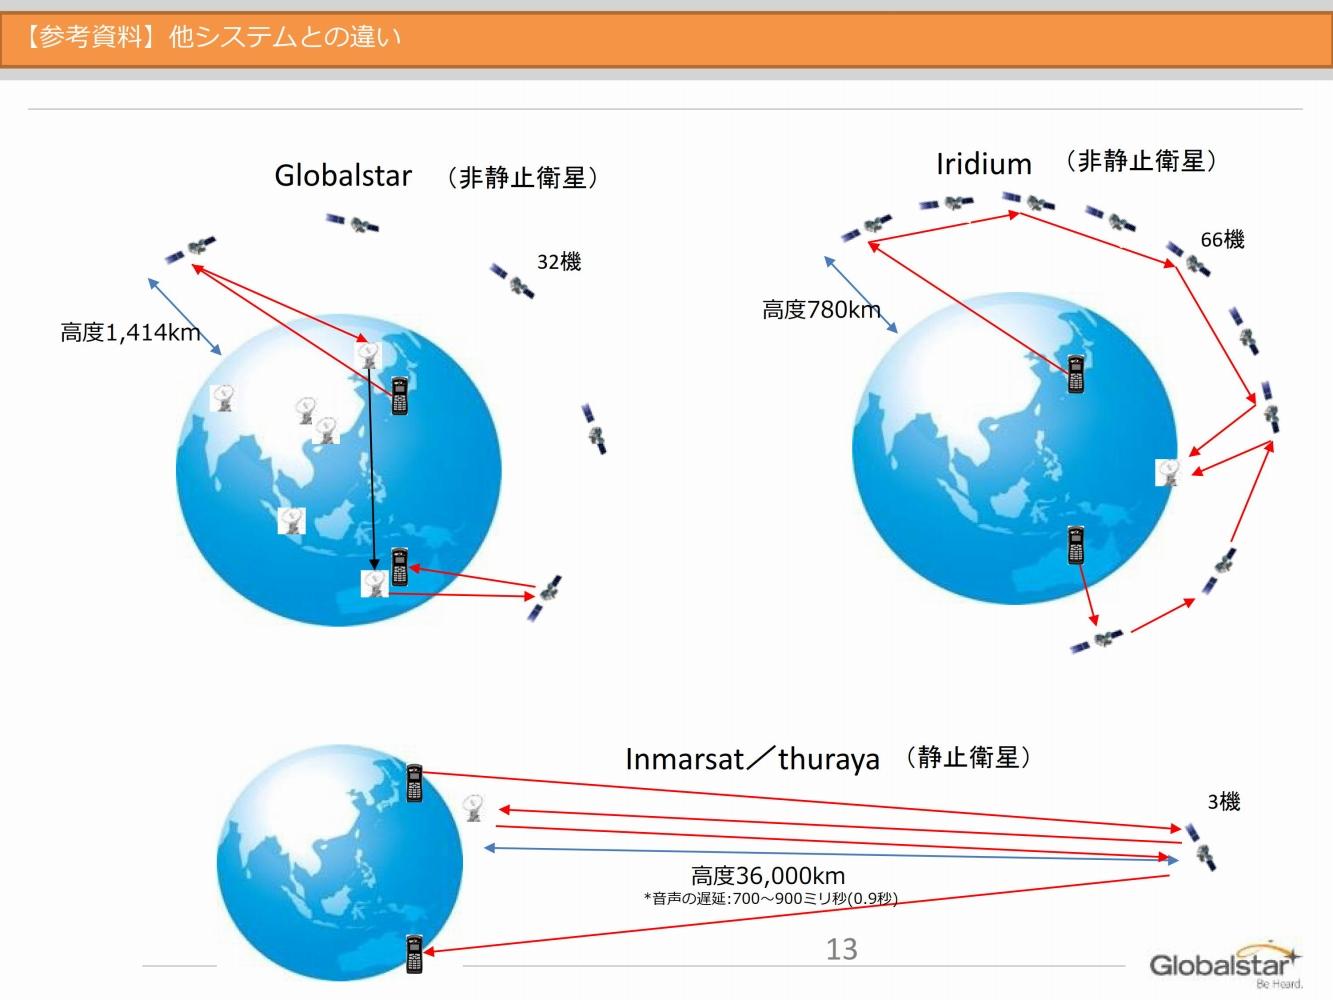 衛星通信の方式の違い(画像提供:株式会社Globalstar Japan)